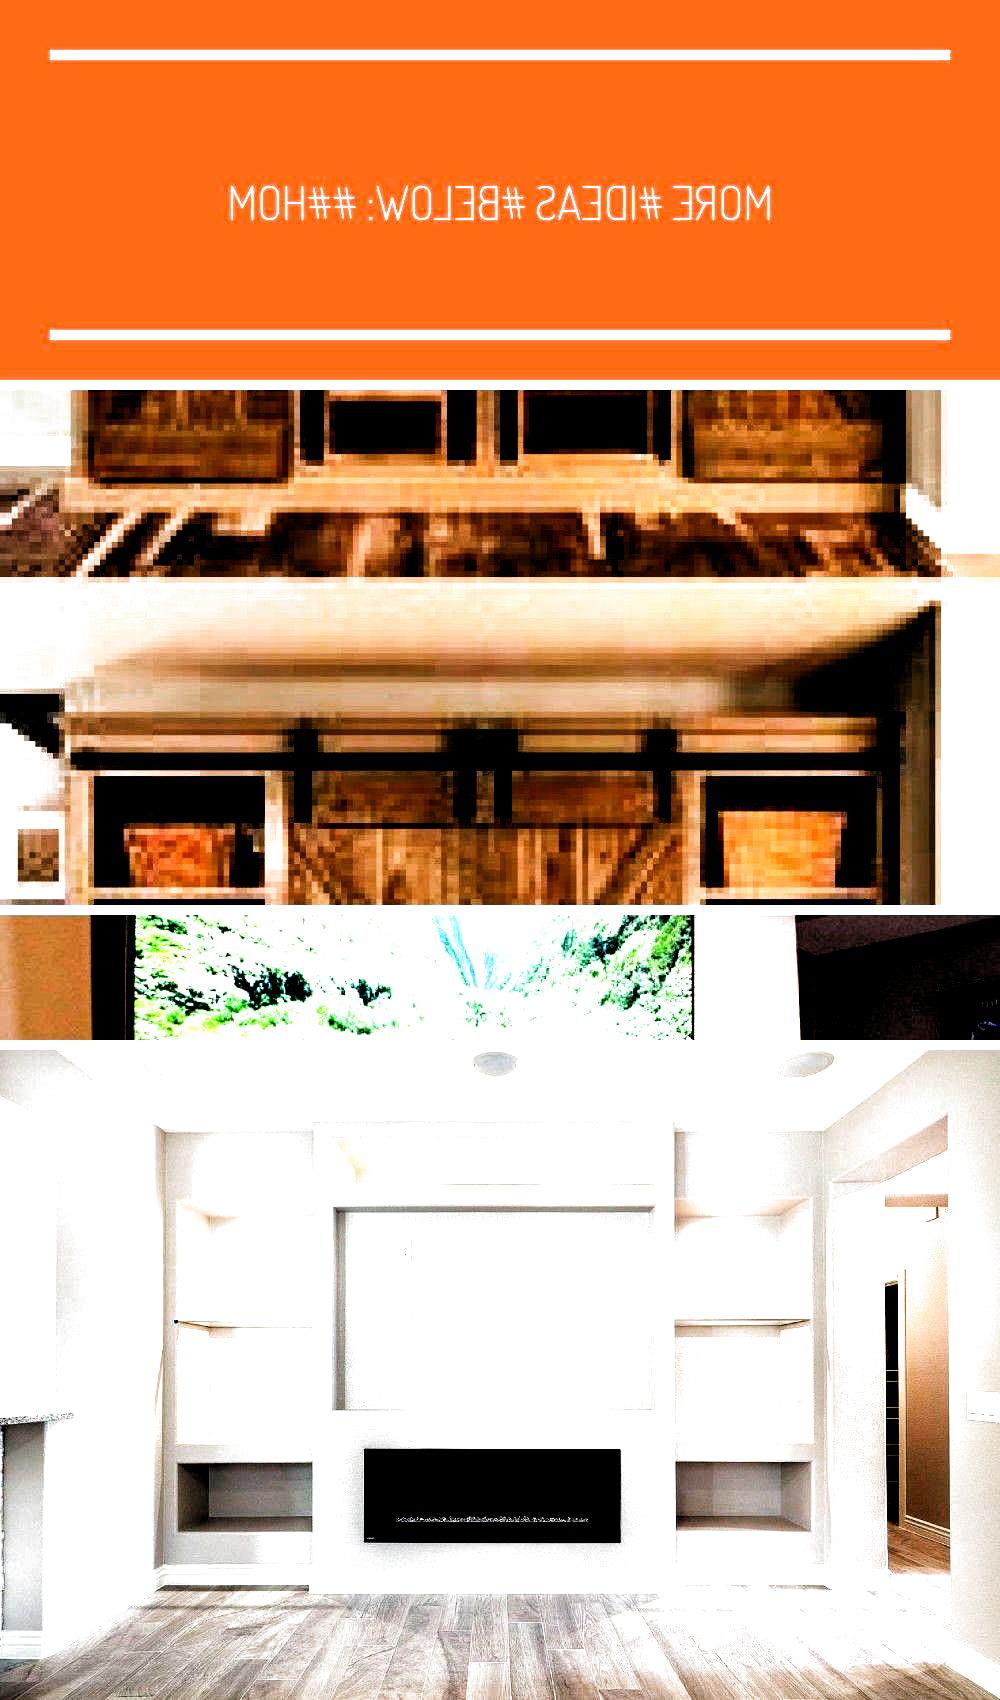 More #ideas #below: ##HomeDecorIdeas ##DiyHomeDecor #DIY #Pallet #Entertainment #center #Ideas #Built #In #Entertainment #center #Plans #Floating #Entertainment #center #Decor #Rustic #Entertainment #center #with #Barn #Door #Repurpose #Farmhouse #Entertainment #center #Modern #Entertainment #center #With #Fireplace #Industrial #Entertainment #center #with #Living #Room, #barn #built #center... # entertainment center ideas rustic built ins More #ideas #below: ##HomeDecorIdeas ##DiyHomeDecor #DIY